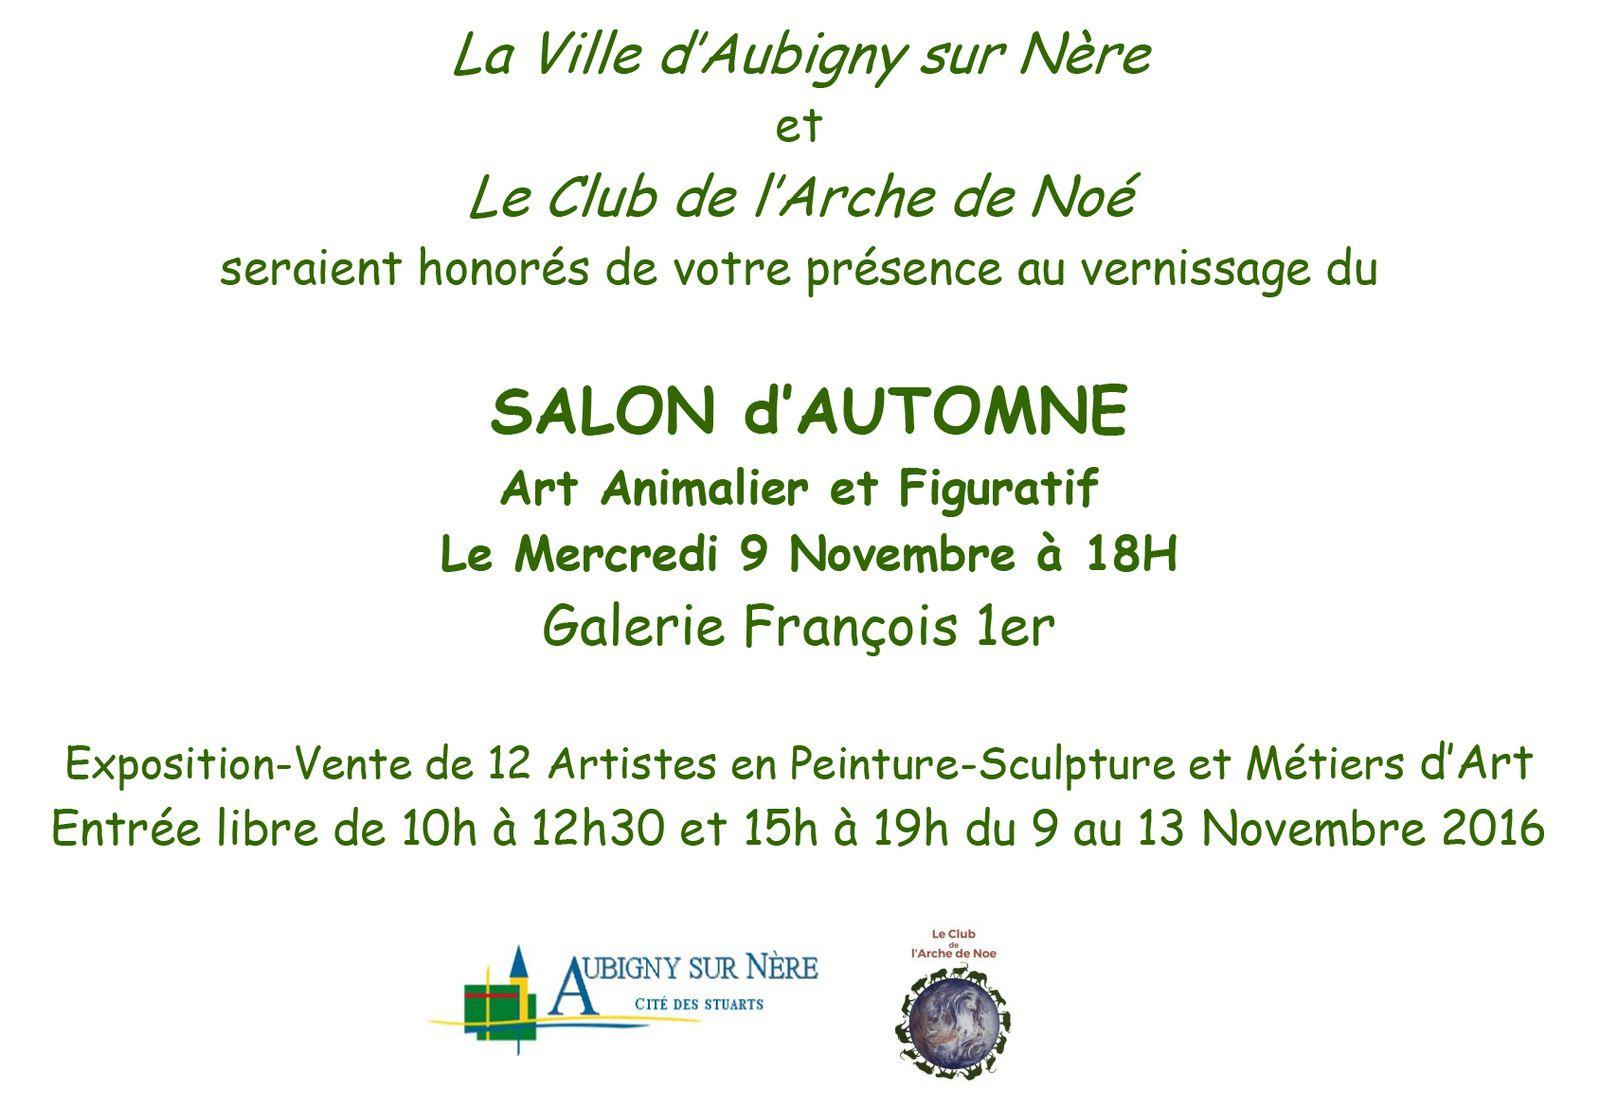 Salon d'Automne à Aubigny sur Nère du 9 au 13 novembre